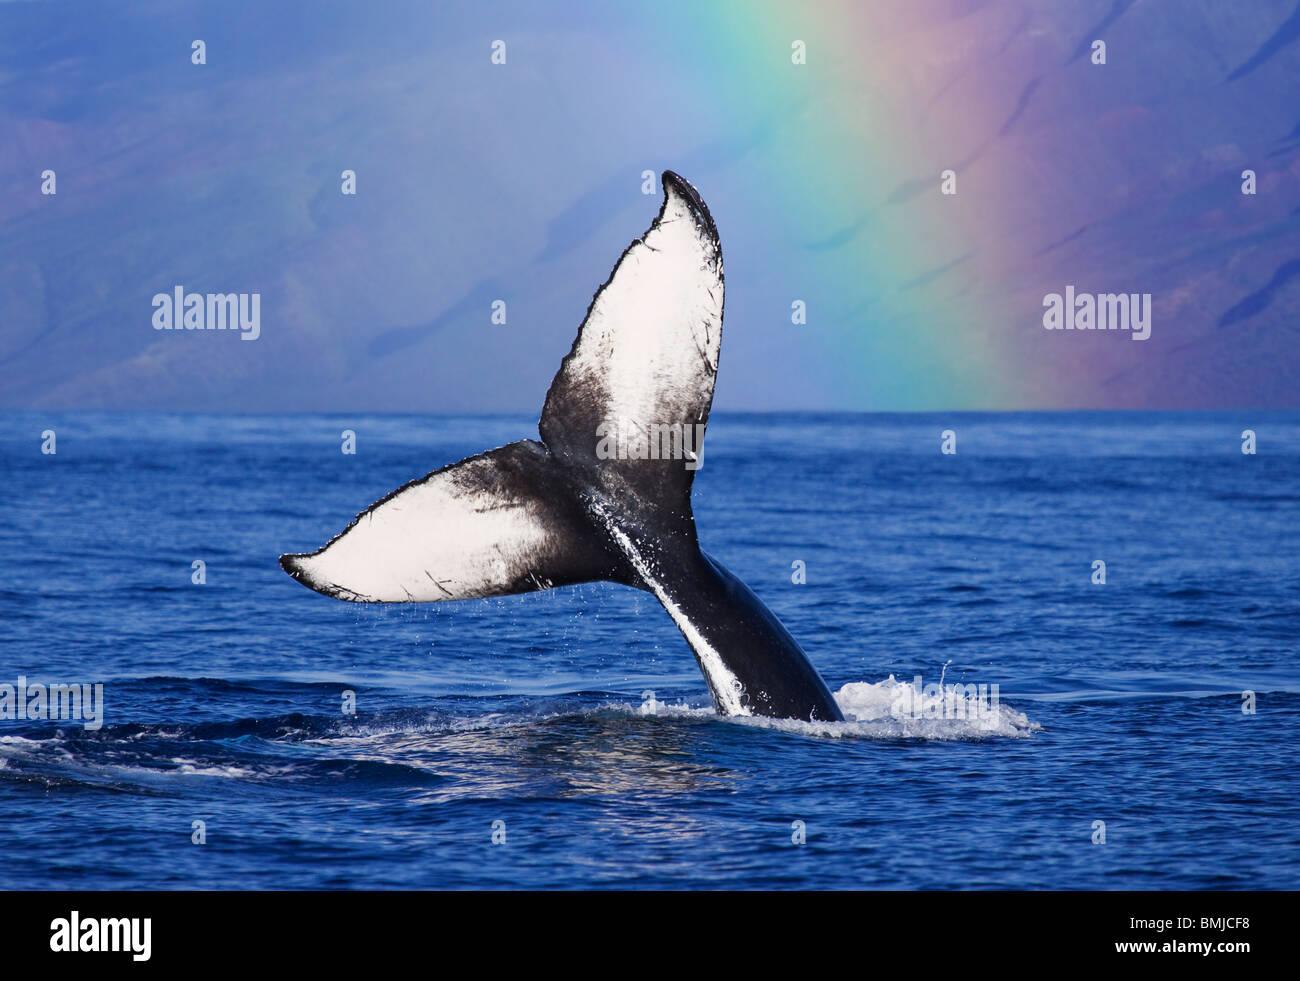 Cola de ballena jorobada con arco iris, Molokai, Hawai. Imagen De Stock